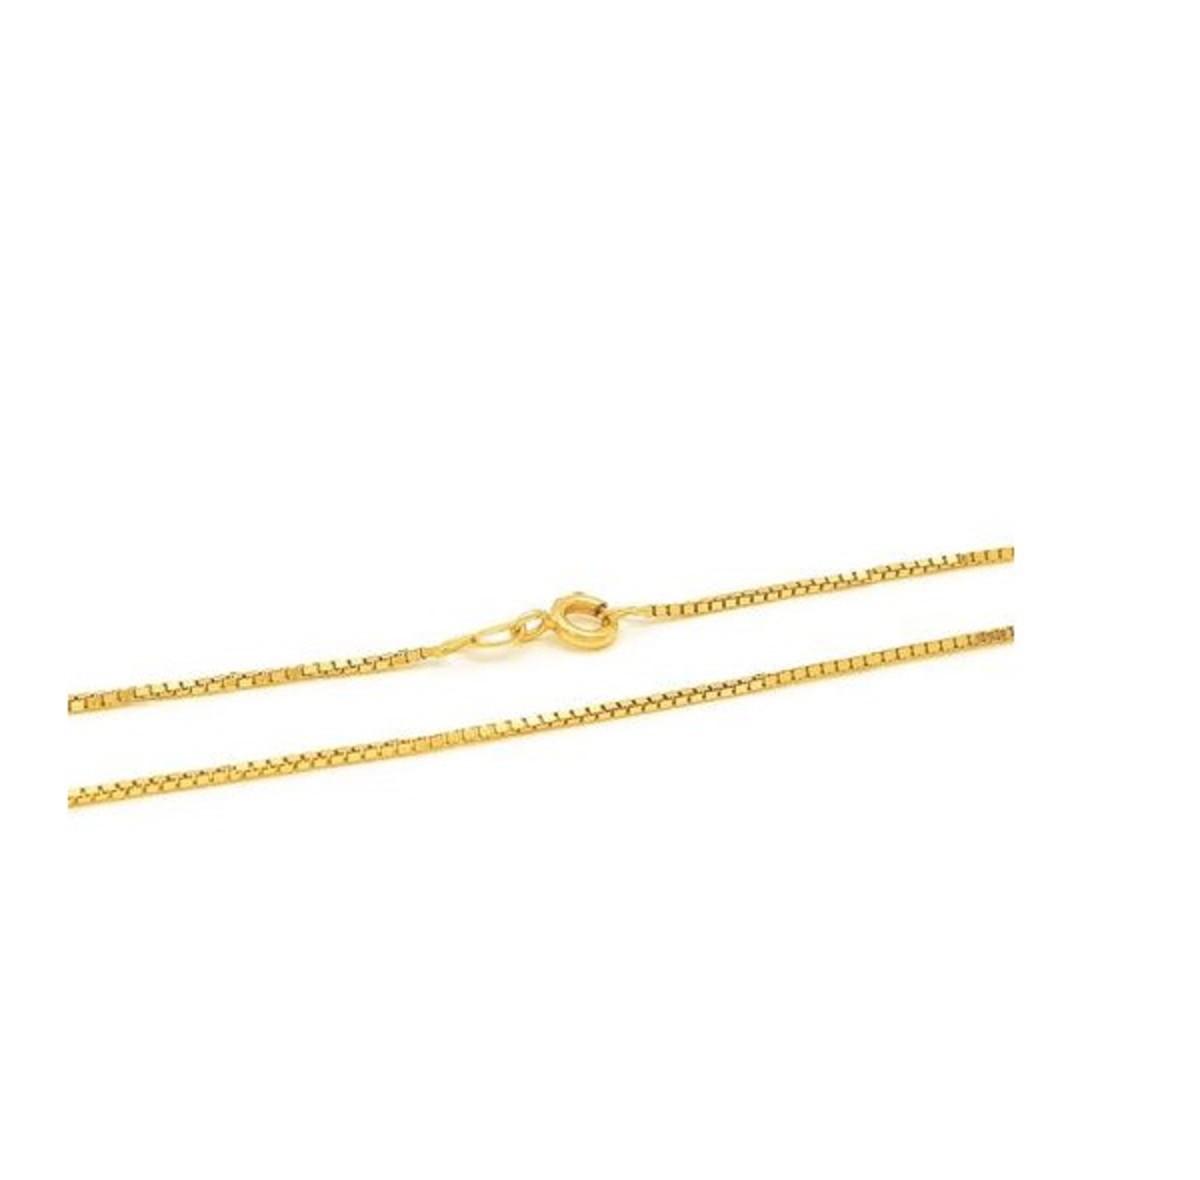 f0669d276e5a5 Corrente Veneziana 45cm em Ouro 18k no Elo7   Crislu Personalizados ...